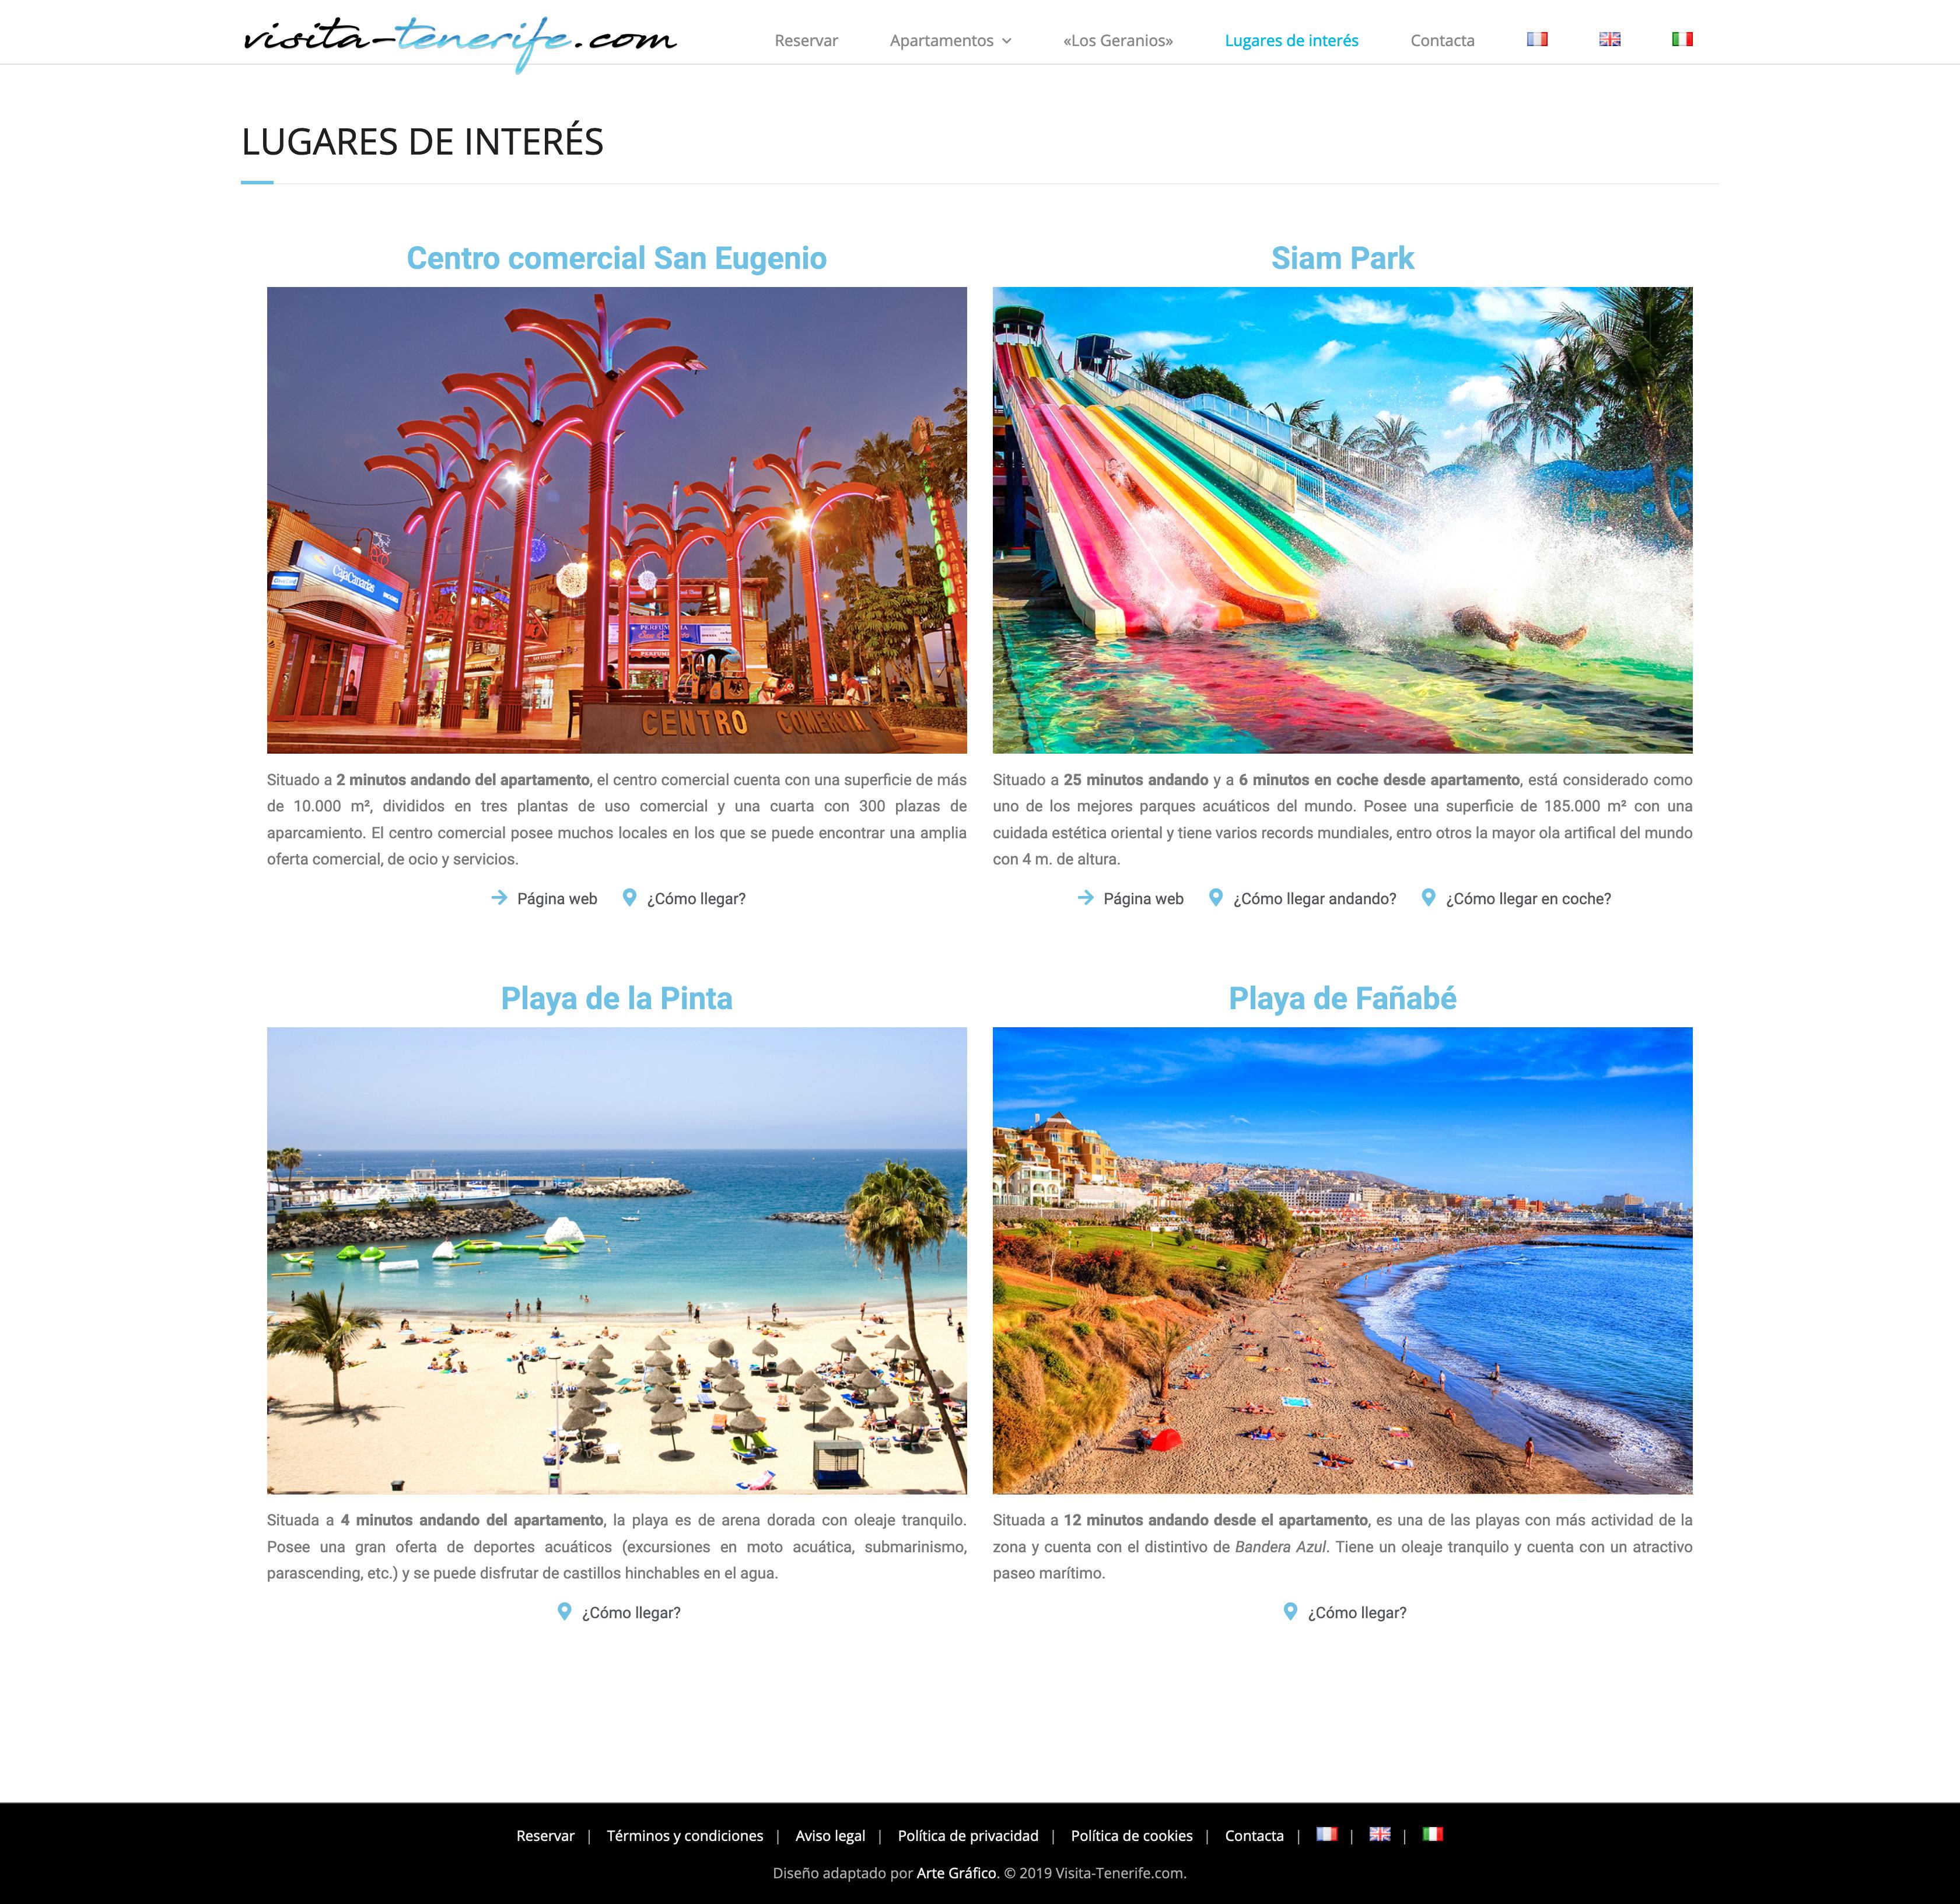 Visita Tenerife - Arte Gráfico